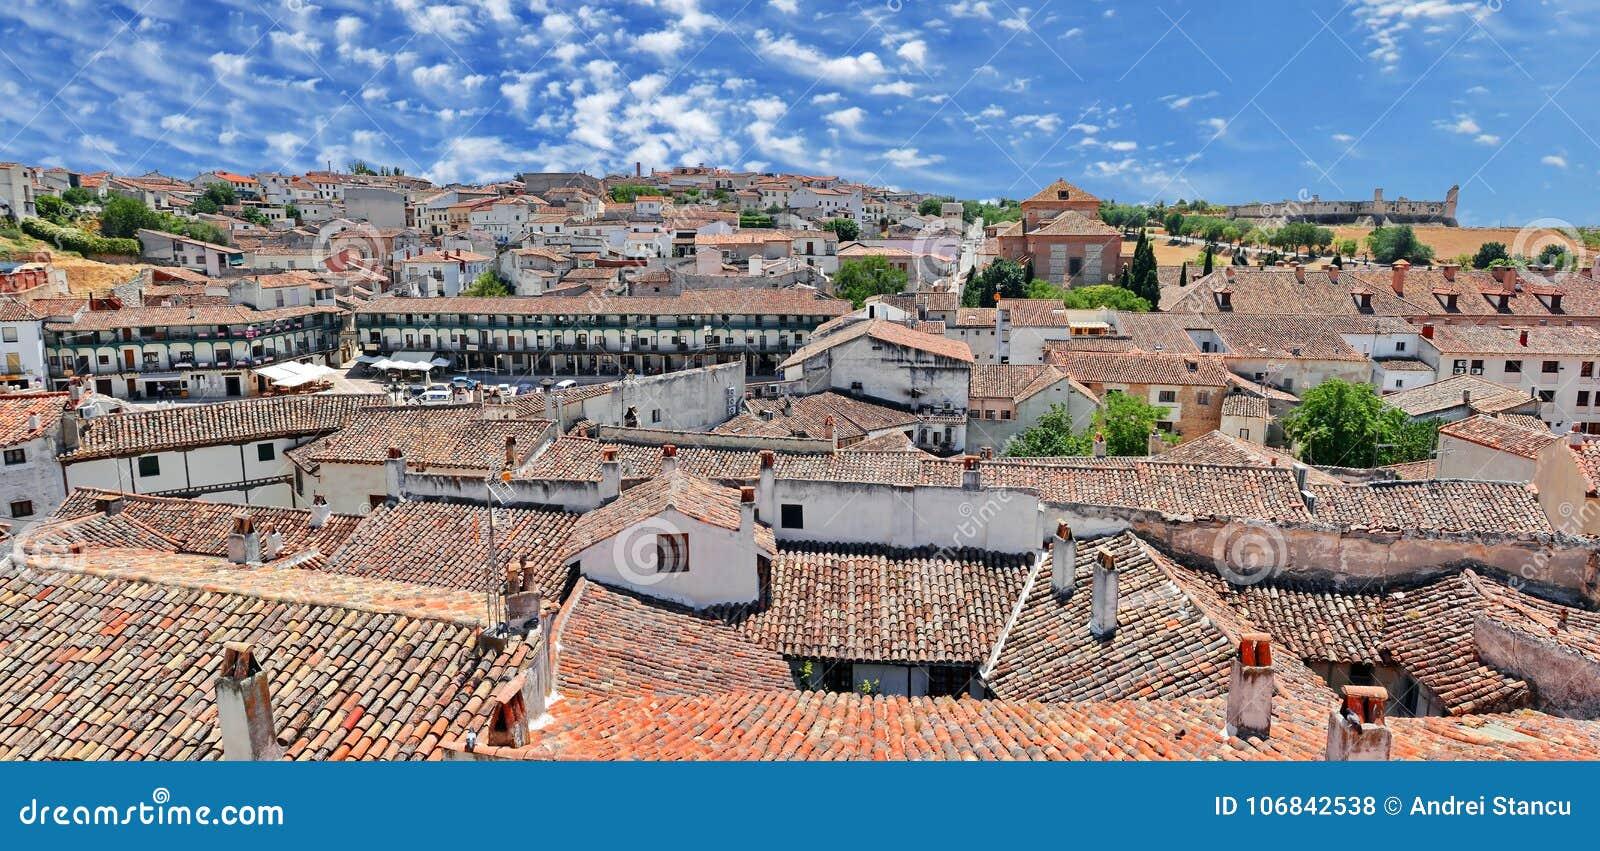 Chinchon Spain